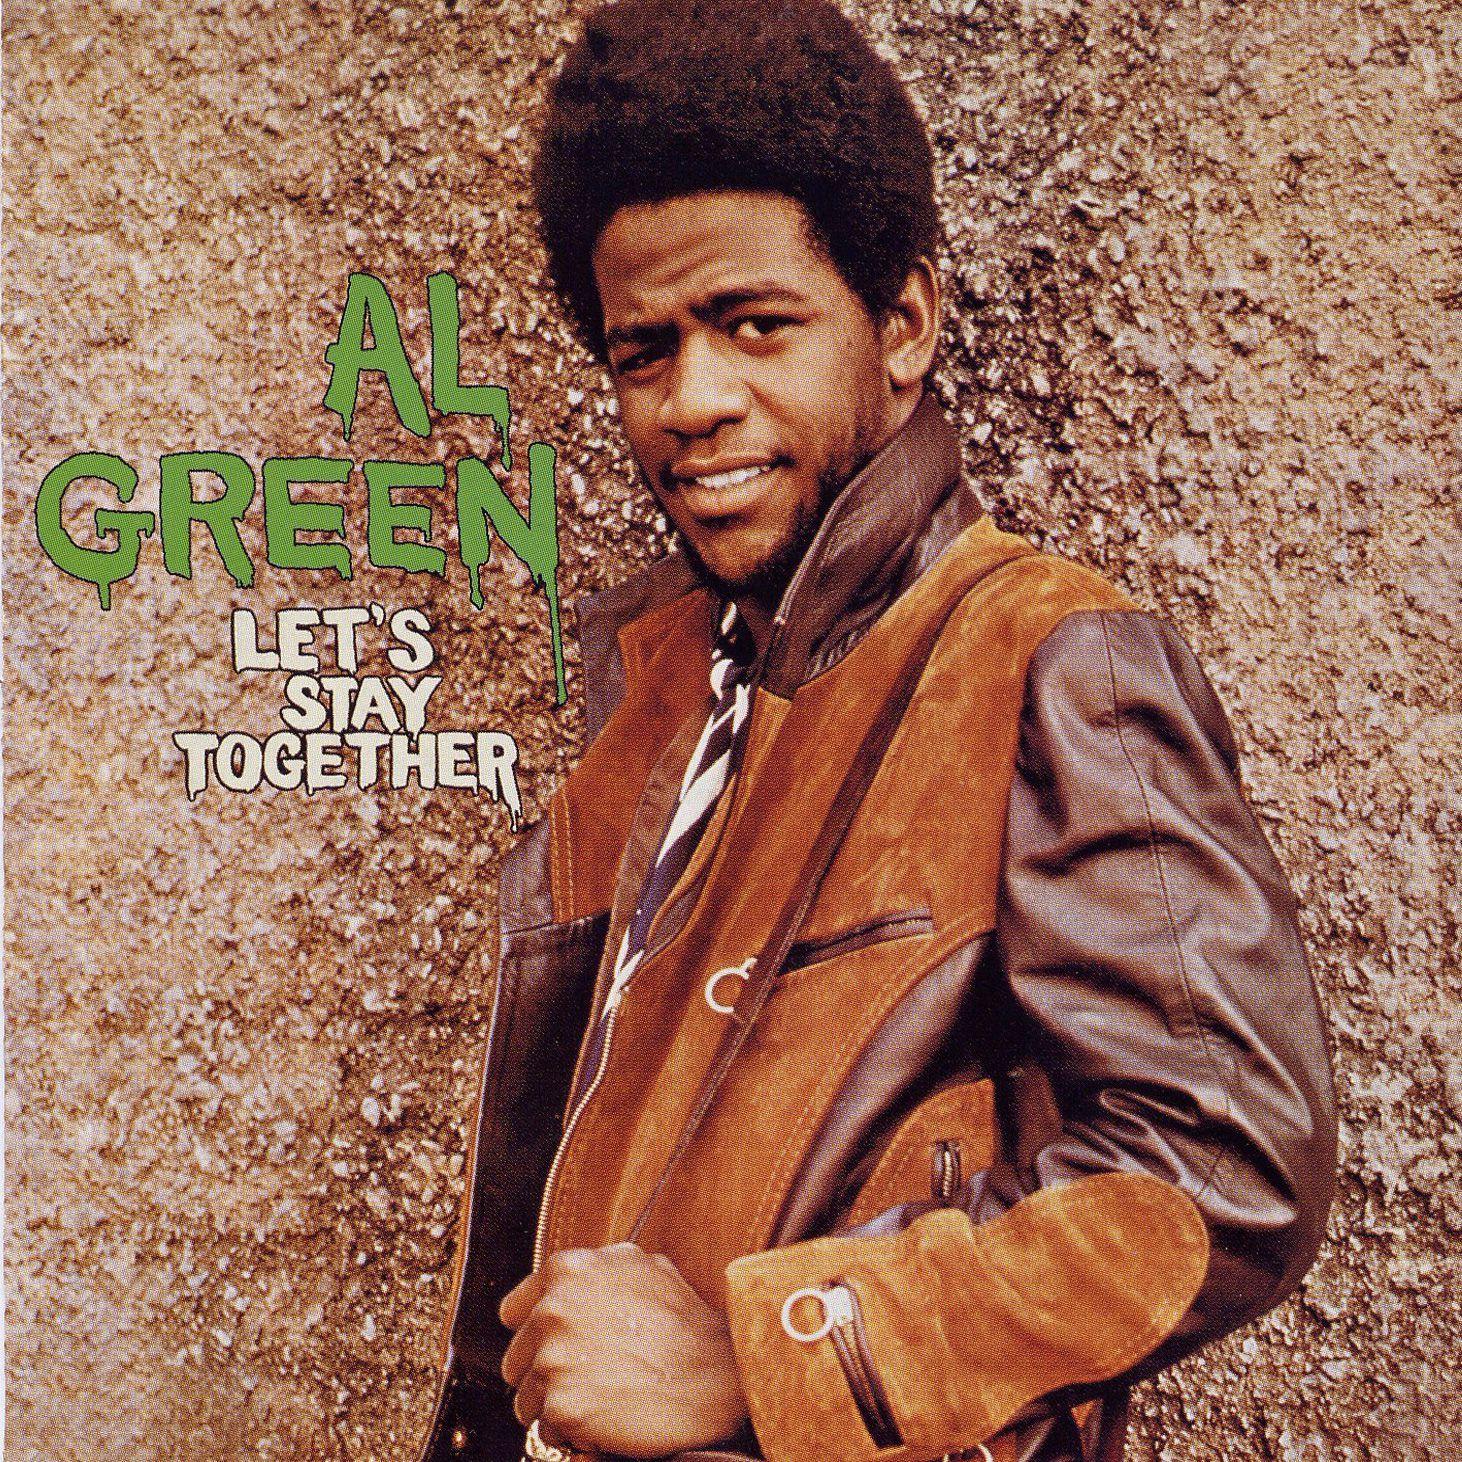 Al Green's